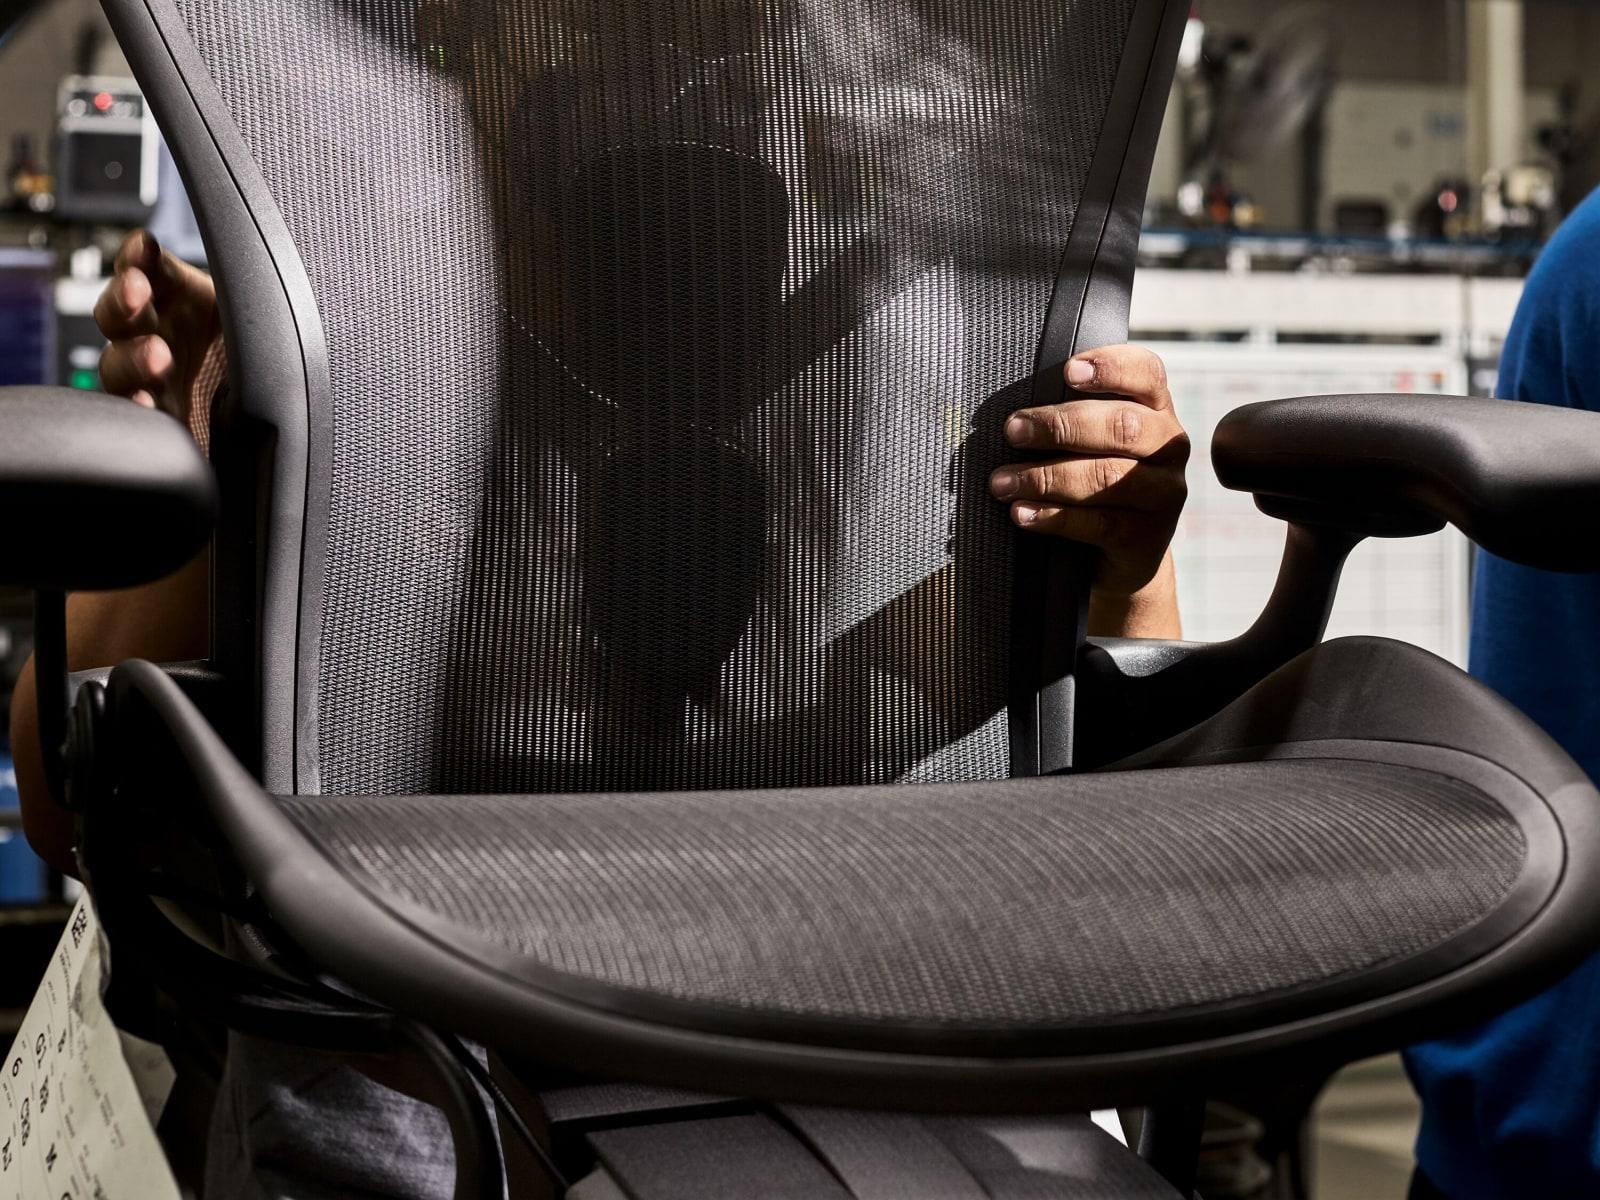 Ein Mann verstellt Sitz und Rückenlehne eines schwarzen Aeron Stuhls im Prüflabor von Herman Miller.